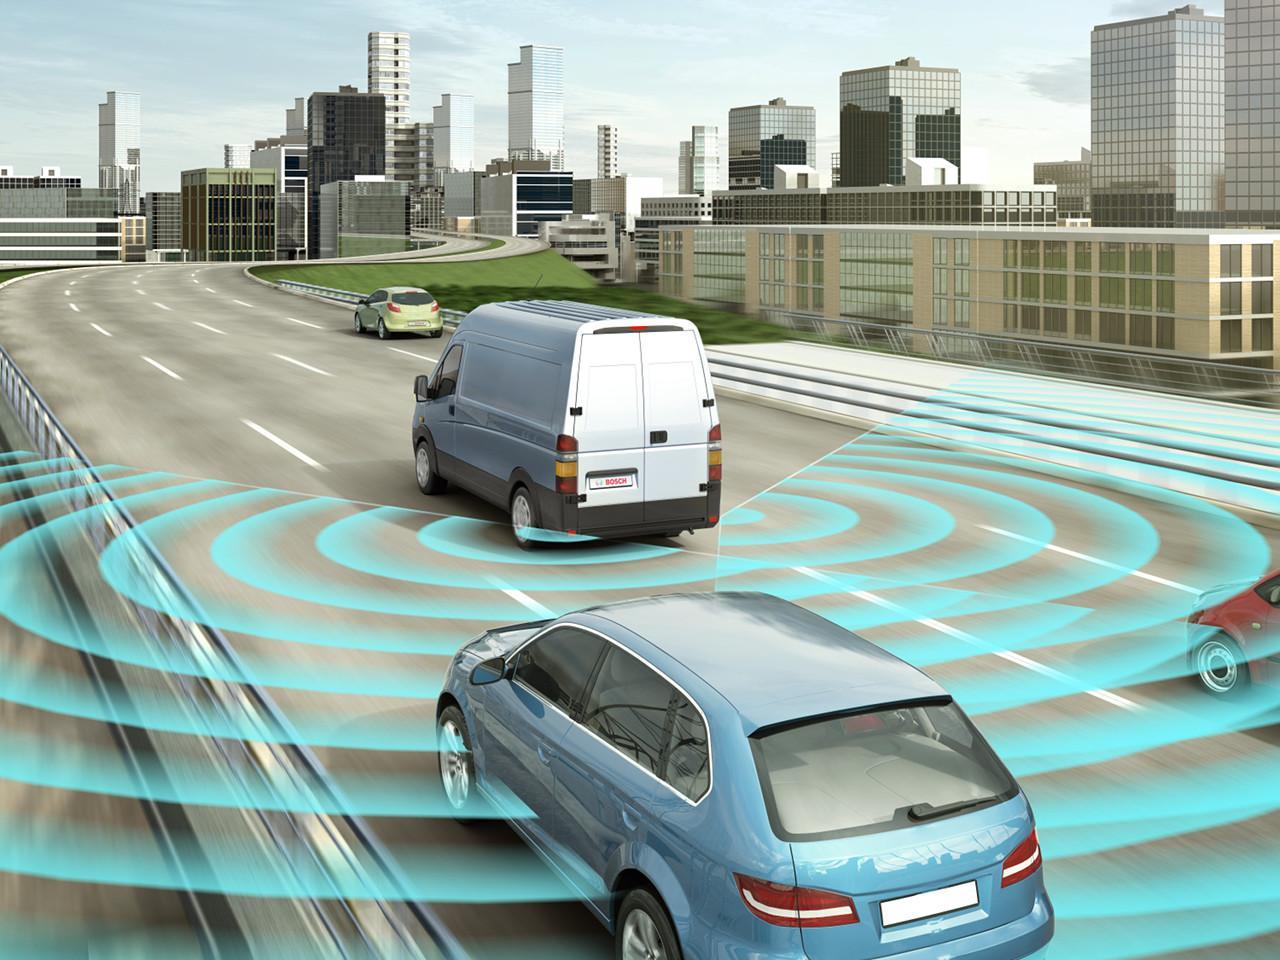 Az előrefelé figyelő radar lehetővé teszi az előrelátó vészfékrendszert, valamint a távolságtartó sebességszabályzót, míg a hátsó radar a jármű melletti és mögötti terület felügyeletével holttérfigyelőként funkcionál